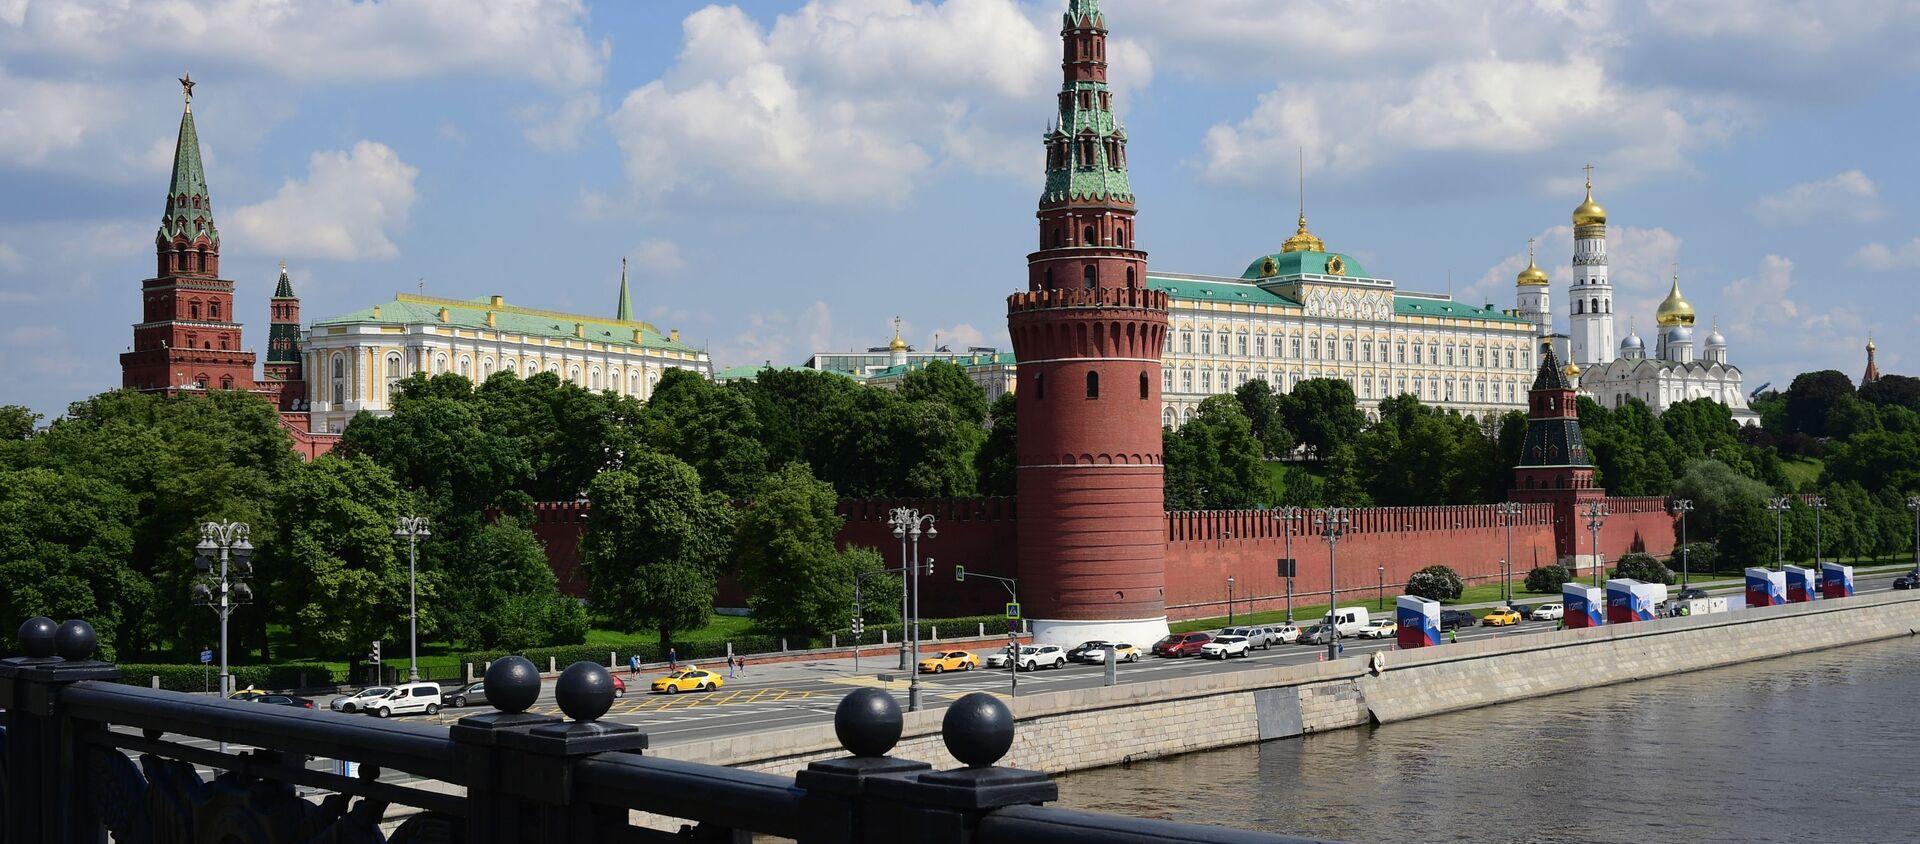 В Москве отменен режим самоизоляции  - Sputnik Абхазия, 1920, 23.09.2021